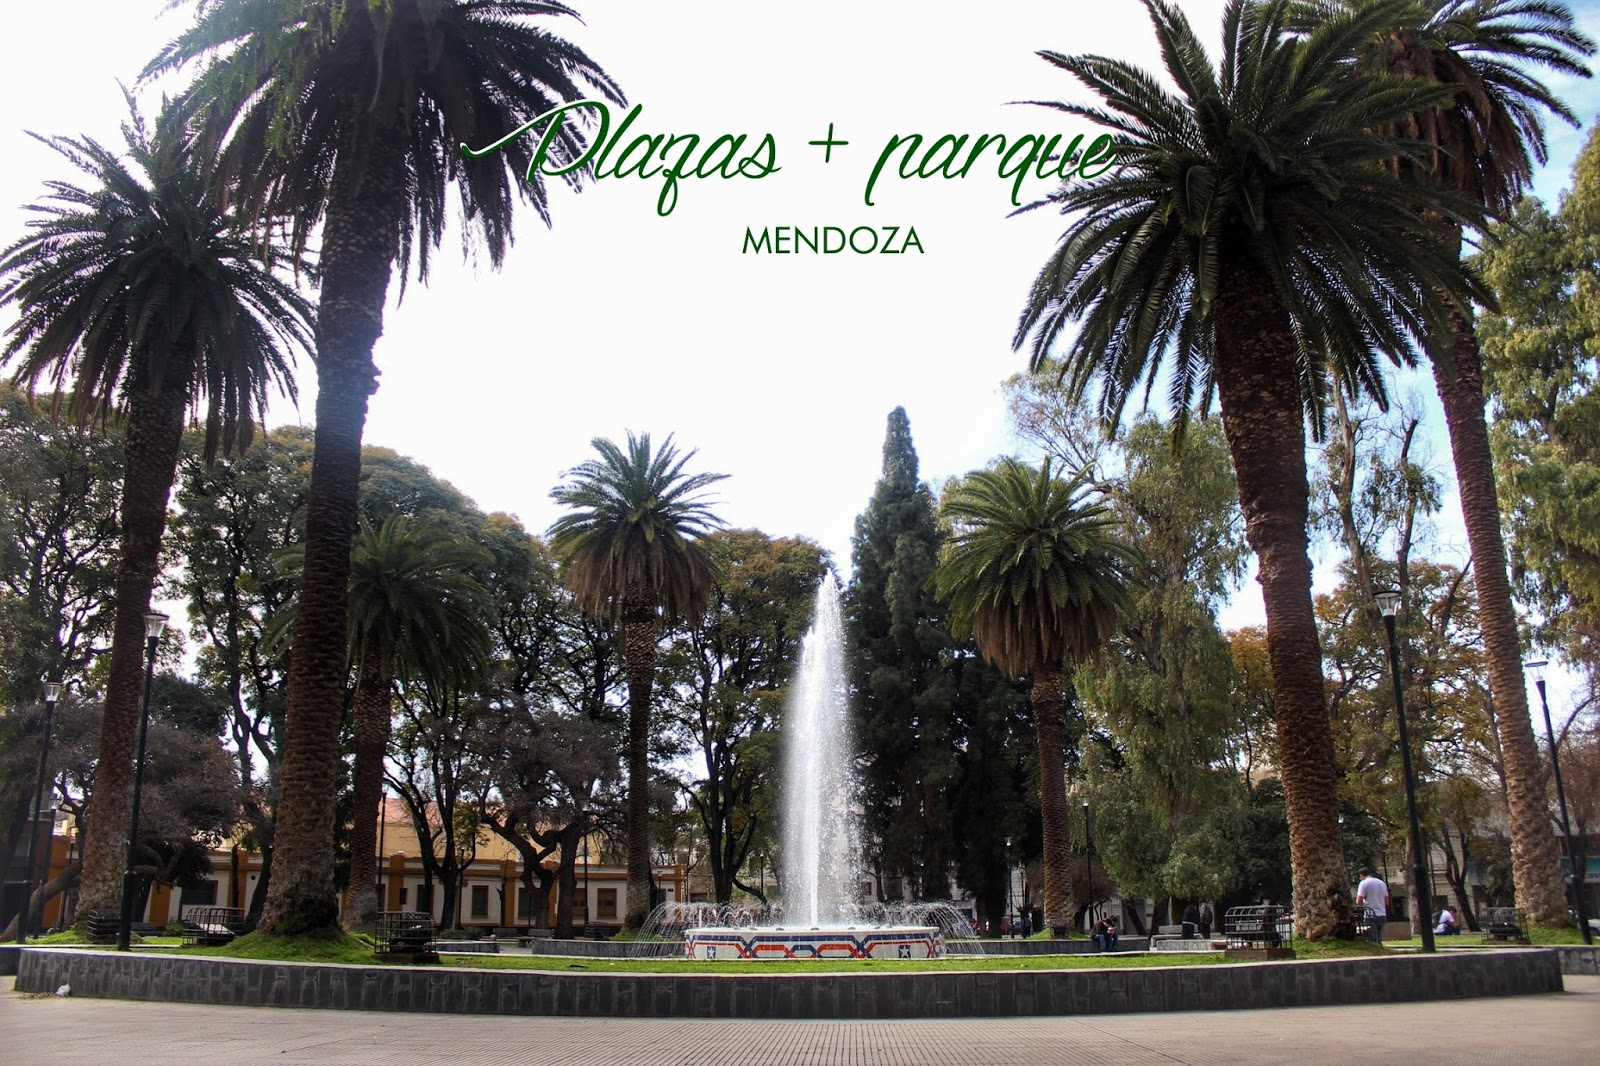 lifesthayle-mendoza-plaza-chile.JPG